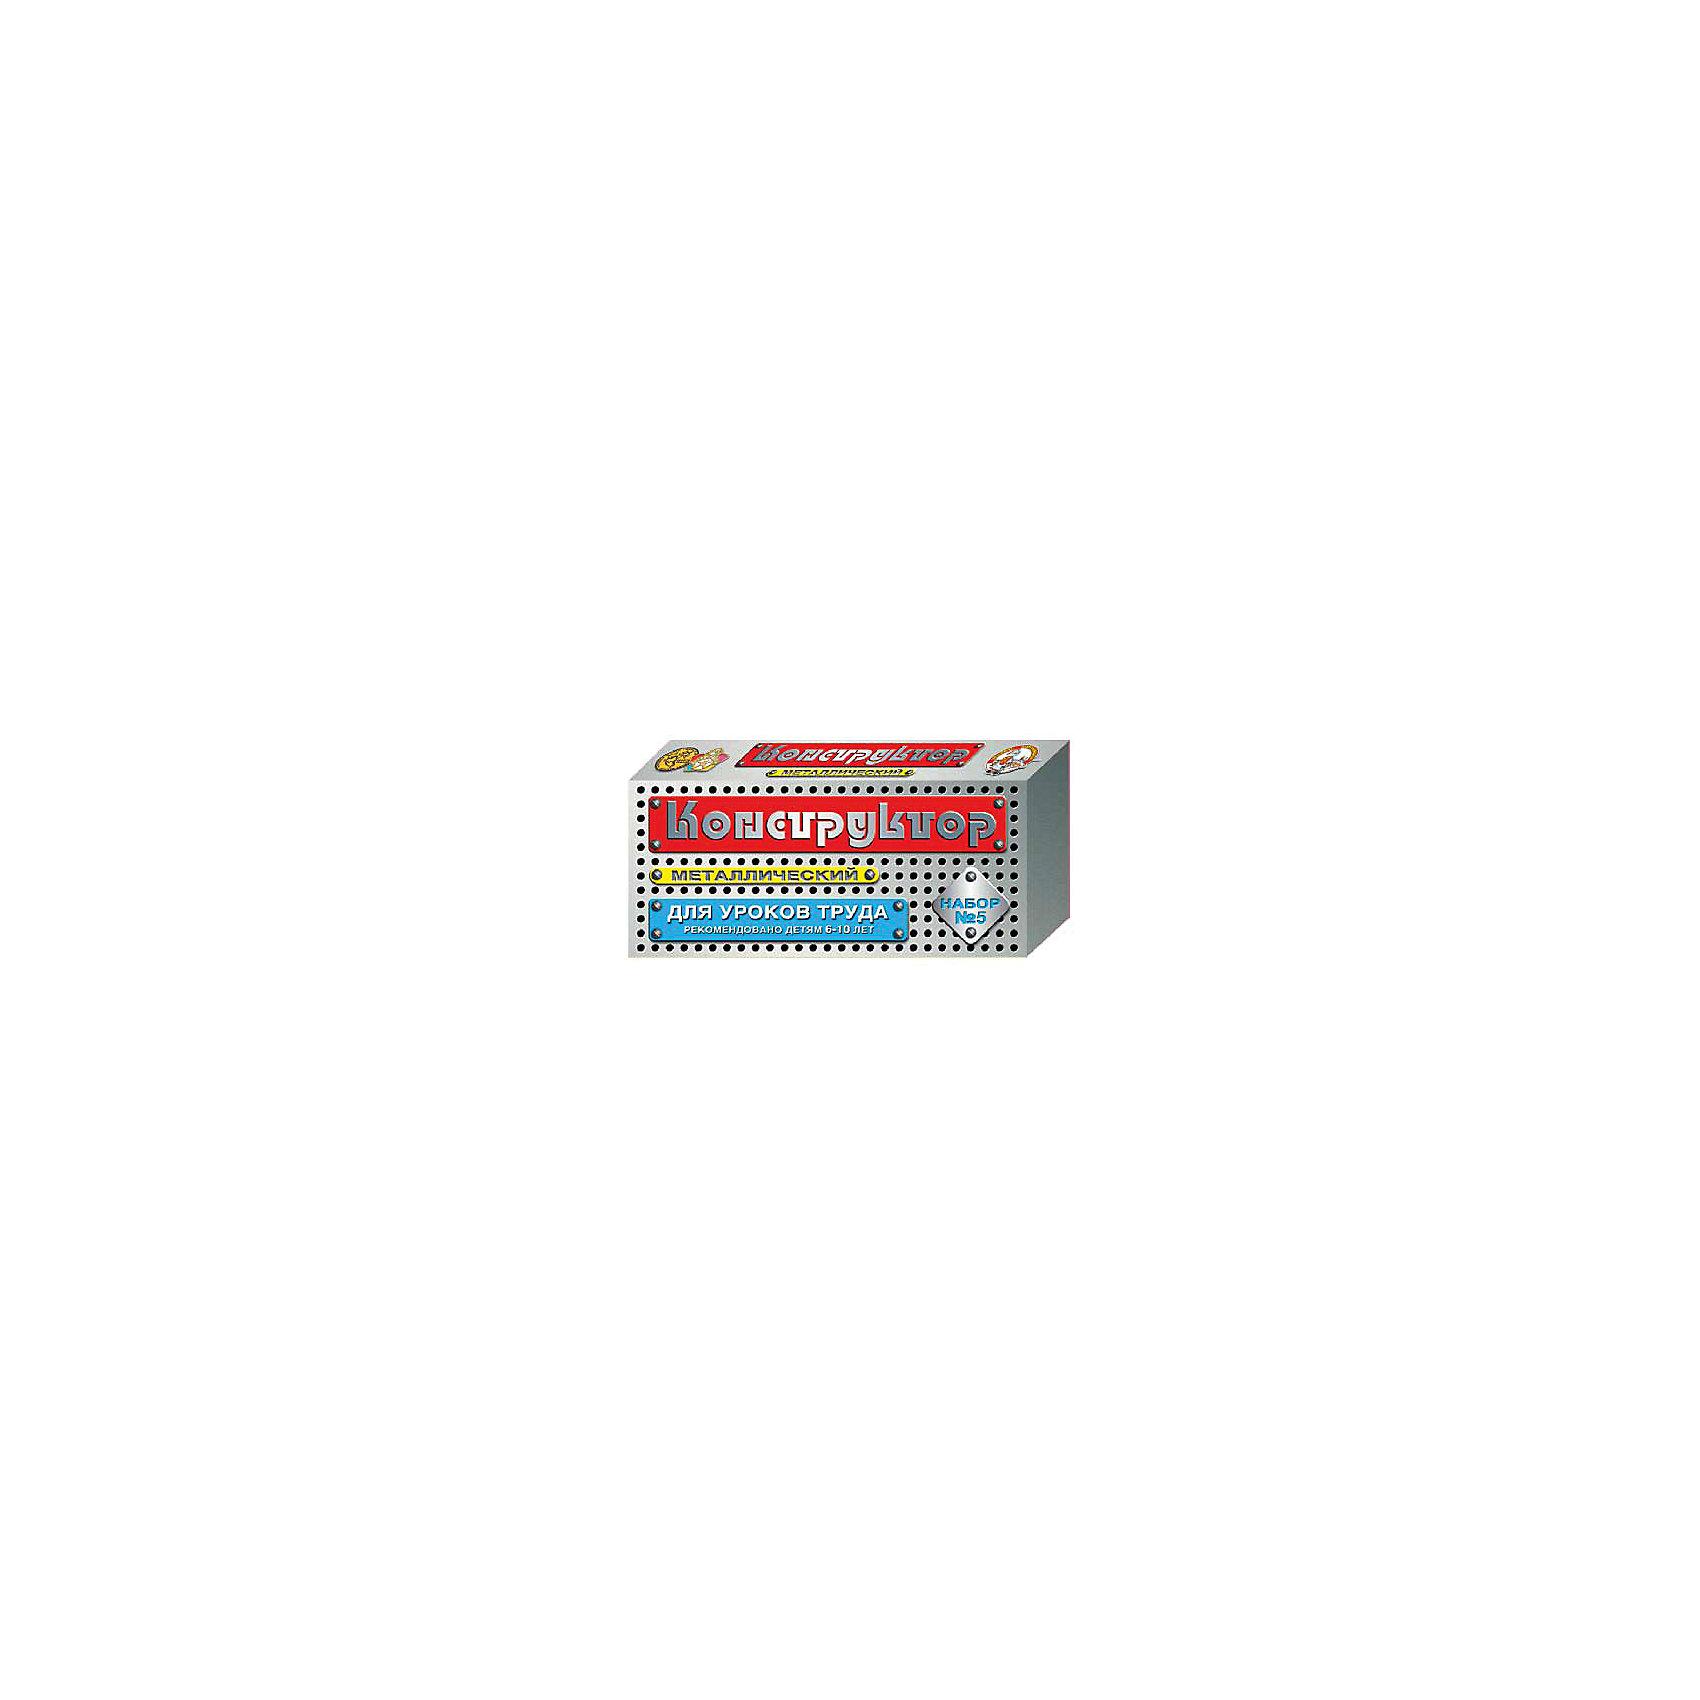 Конструктор металлический, 68 деталей, Десятое королевствоМеталлические конструкторы<br>Конструктор металлический, 68 деталей, Десятое королевство<br><br>Характеристики: <br><br>• Возраст: от 6 лет<br>• Материал: металл<br>• В комплекте: 68 деталей<br><br>Данный металлический конструктор состоит из различных по размеру деталей и позволяет собрать множество видов транспорта - самолет, машину, велосипед и тд. Он создан из качественного, безопасного для детей материала и в него удобно играть, как в одиночку, так и в компании. Набор содержит инструкцию для удобства сборки и соответствует передовым требованиям качества.<br><br>Конструктор металлический, 68 деталей, Десятое королевство можно купить в нашем интернет-магазине.<br><br>Ширина мм: 230<br>Глубина мм: 100<br>Высота мм: 35<br>Вес г: 264<br>Возраст от месяцев: 84<br>Возраст до месяцев: 2147483647<br>Пол: Мужской<br>Возраст: Детский<br>SKU: 5473797